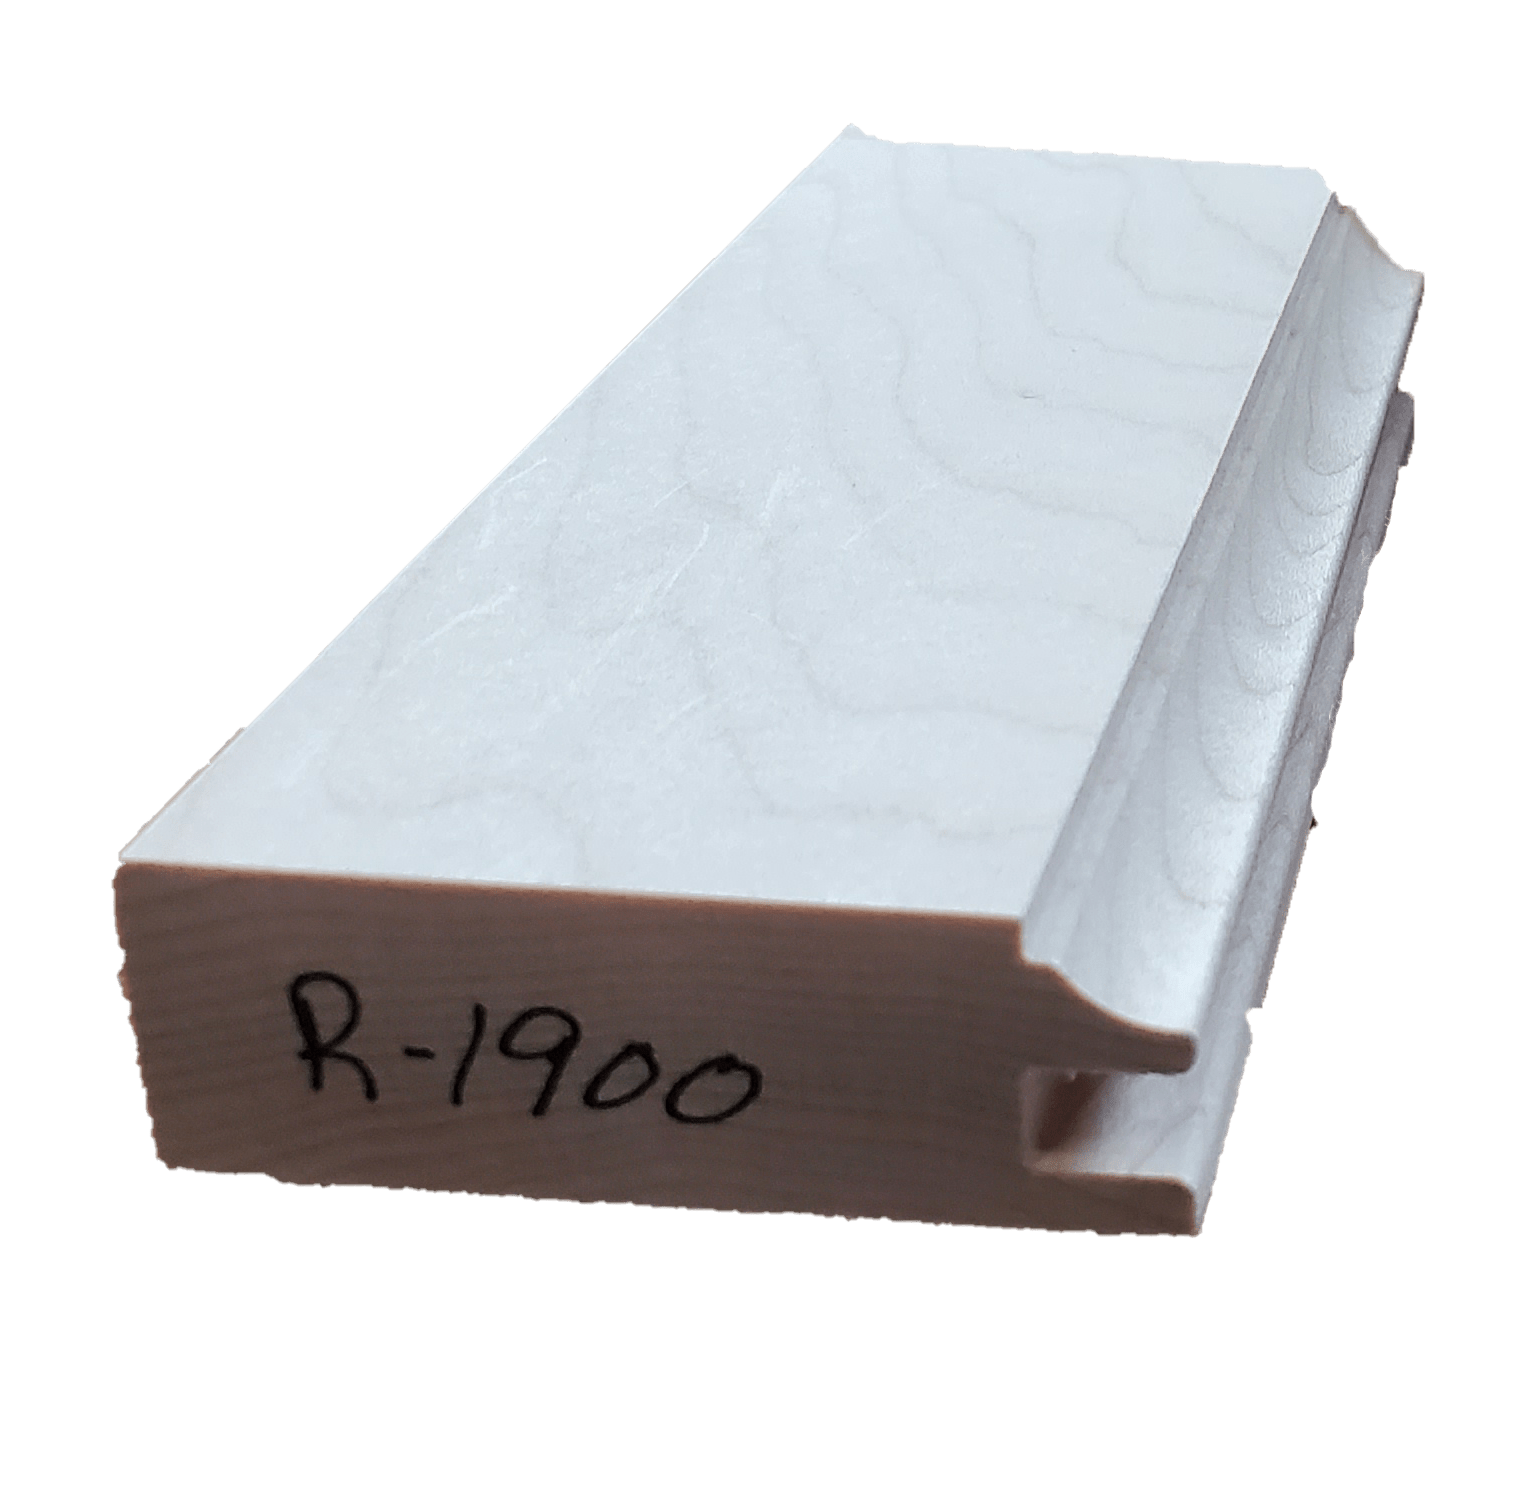 P R 1900